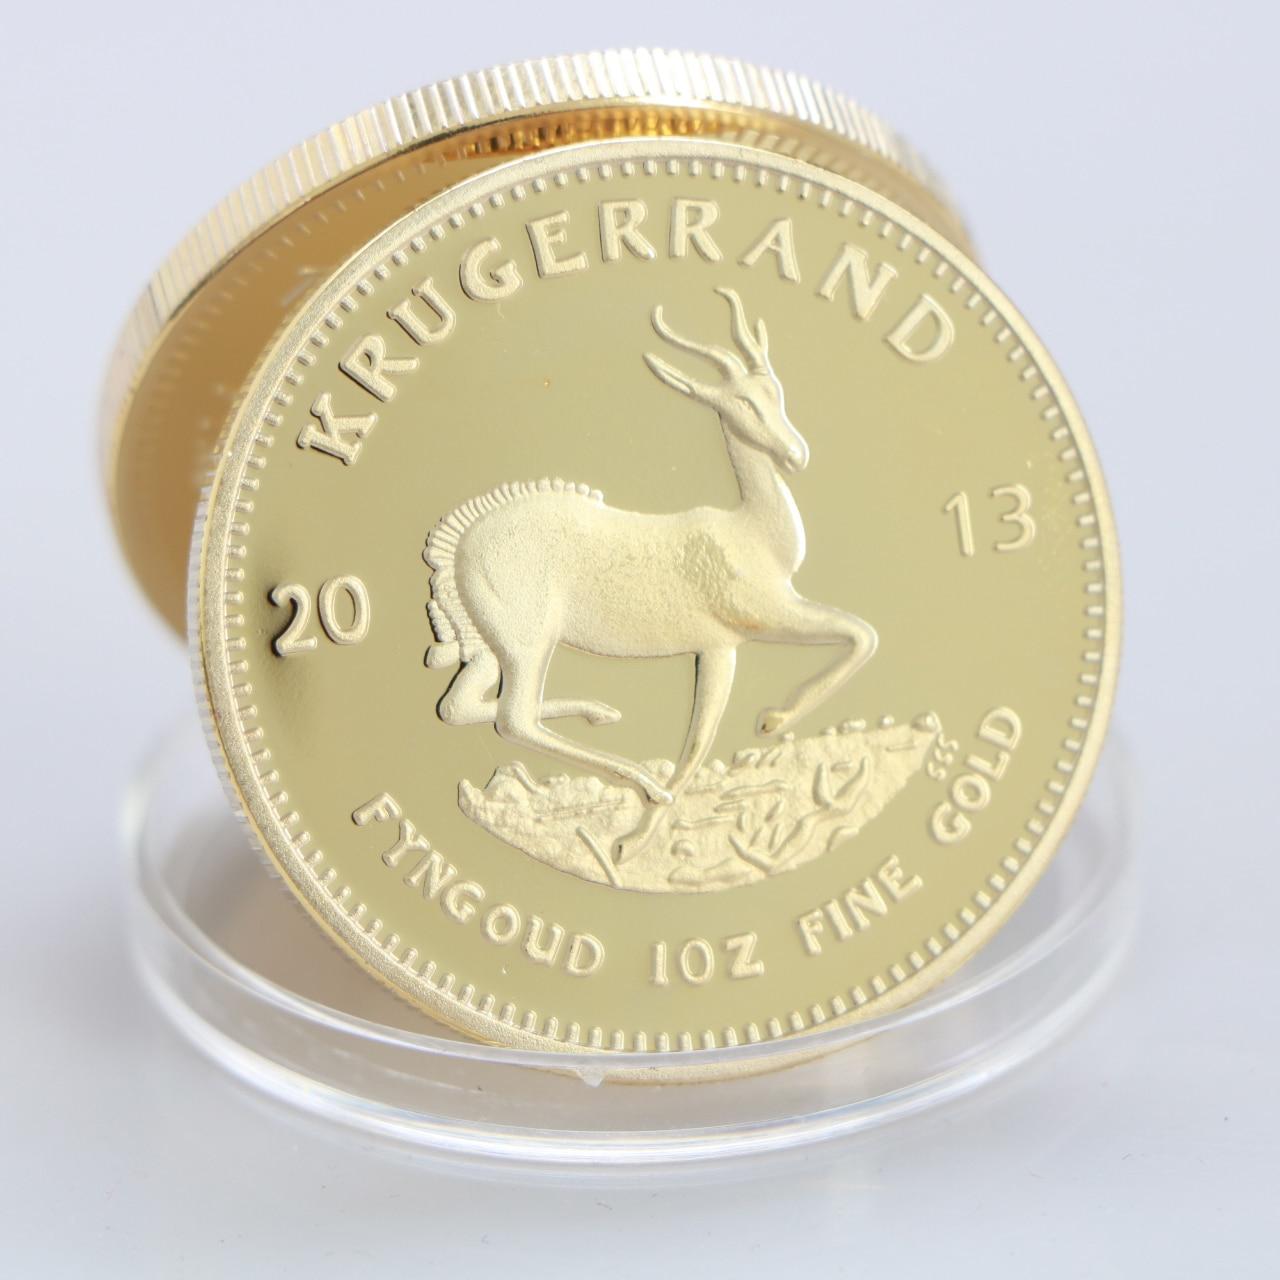 2013 Южная Африка Саудовская Африка Krugerrand 1OZ Золотая монета Paul Kruger Token Value коллекционные монеты